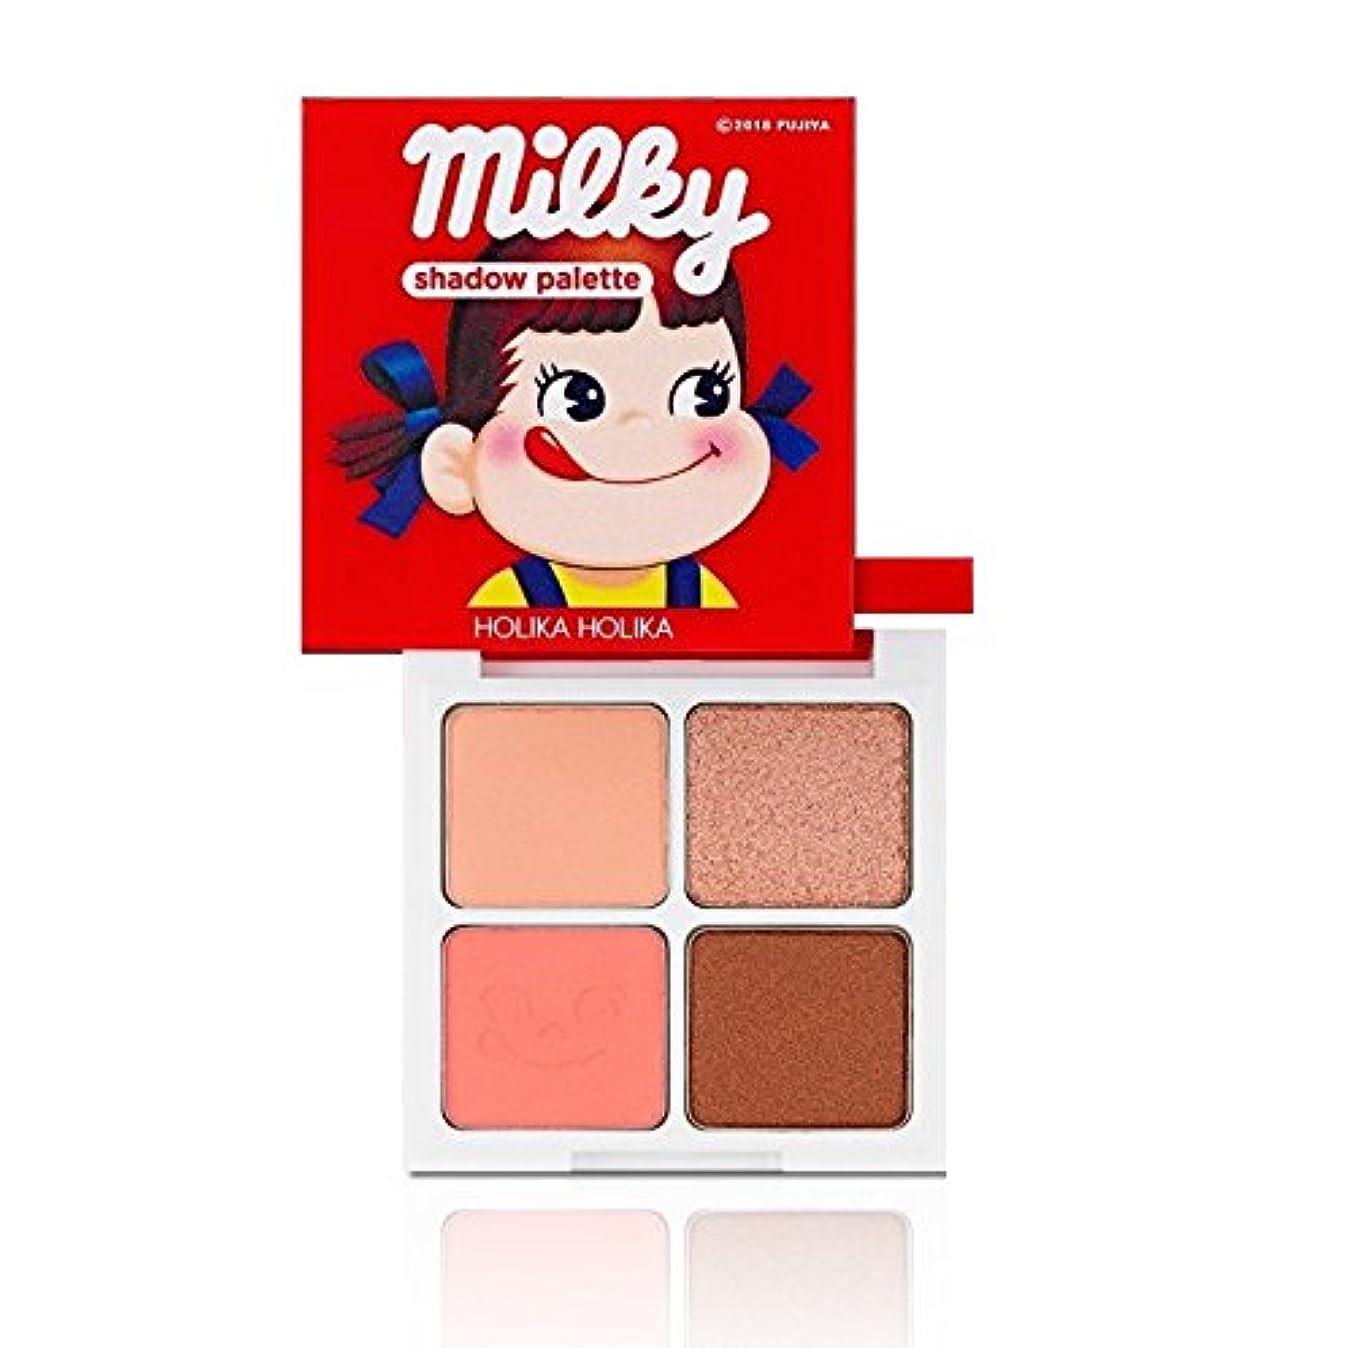 イライラするリボン一掃するHolika Holika [Sweet Peko Edition] 4 Shadow Palette #01 Strawberry Caramel/ホリカホリカ [スイートペコエディション] 4色シャドウパレット [並行輸入品]